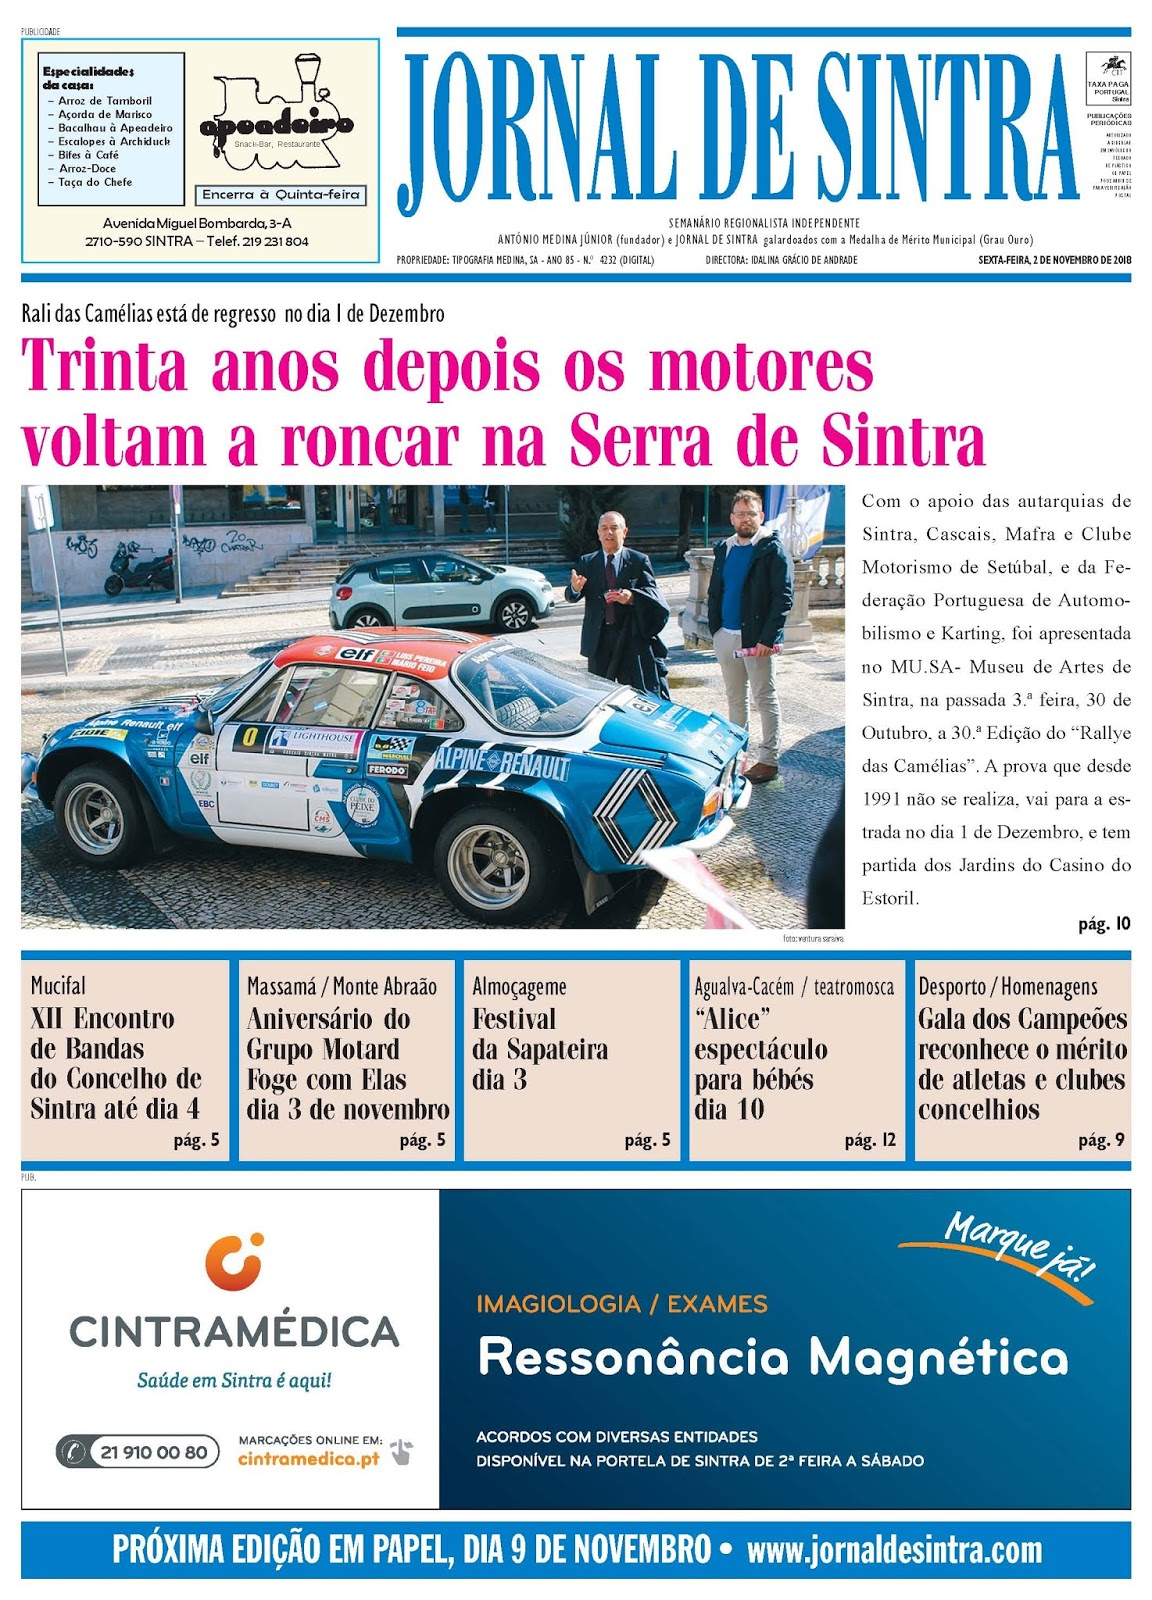 Capa da edição de 02-11-2018